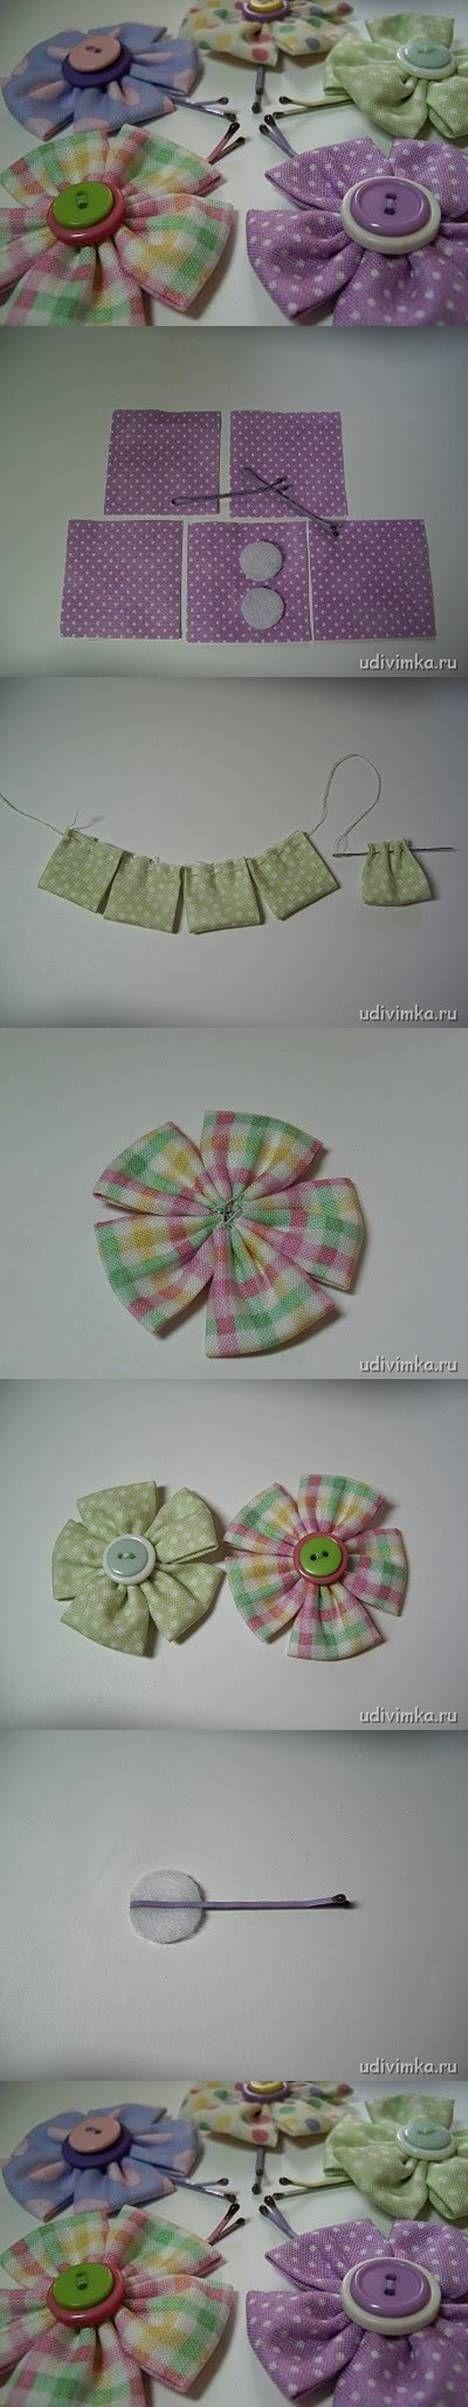 DIY Cute Fabric Flower Hairpin LIKE Us on Facebook ==> https://www.facebook.com/UsefulDiy